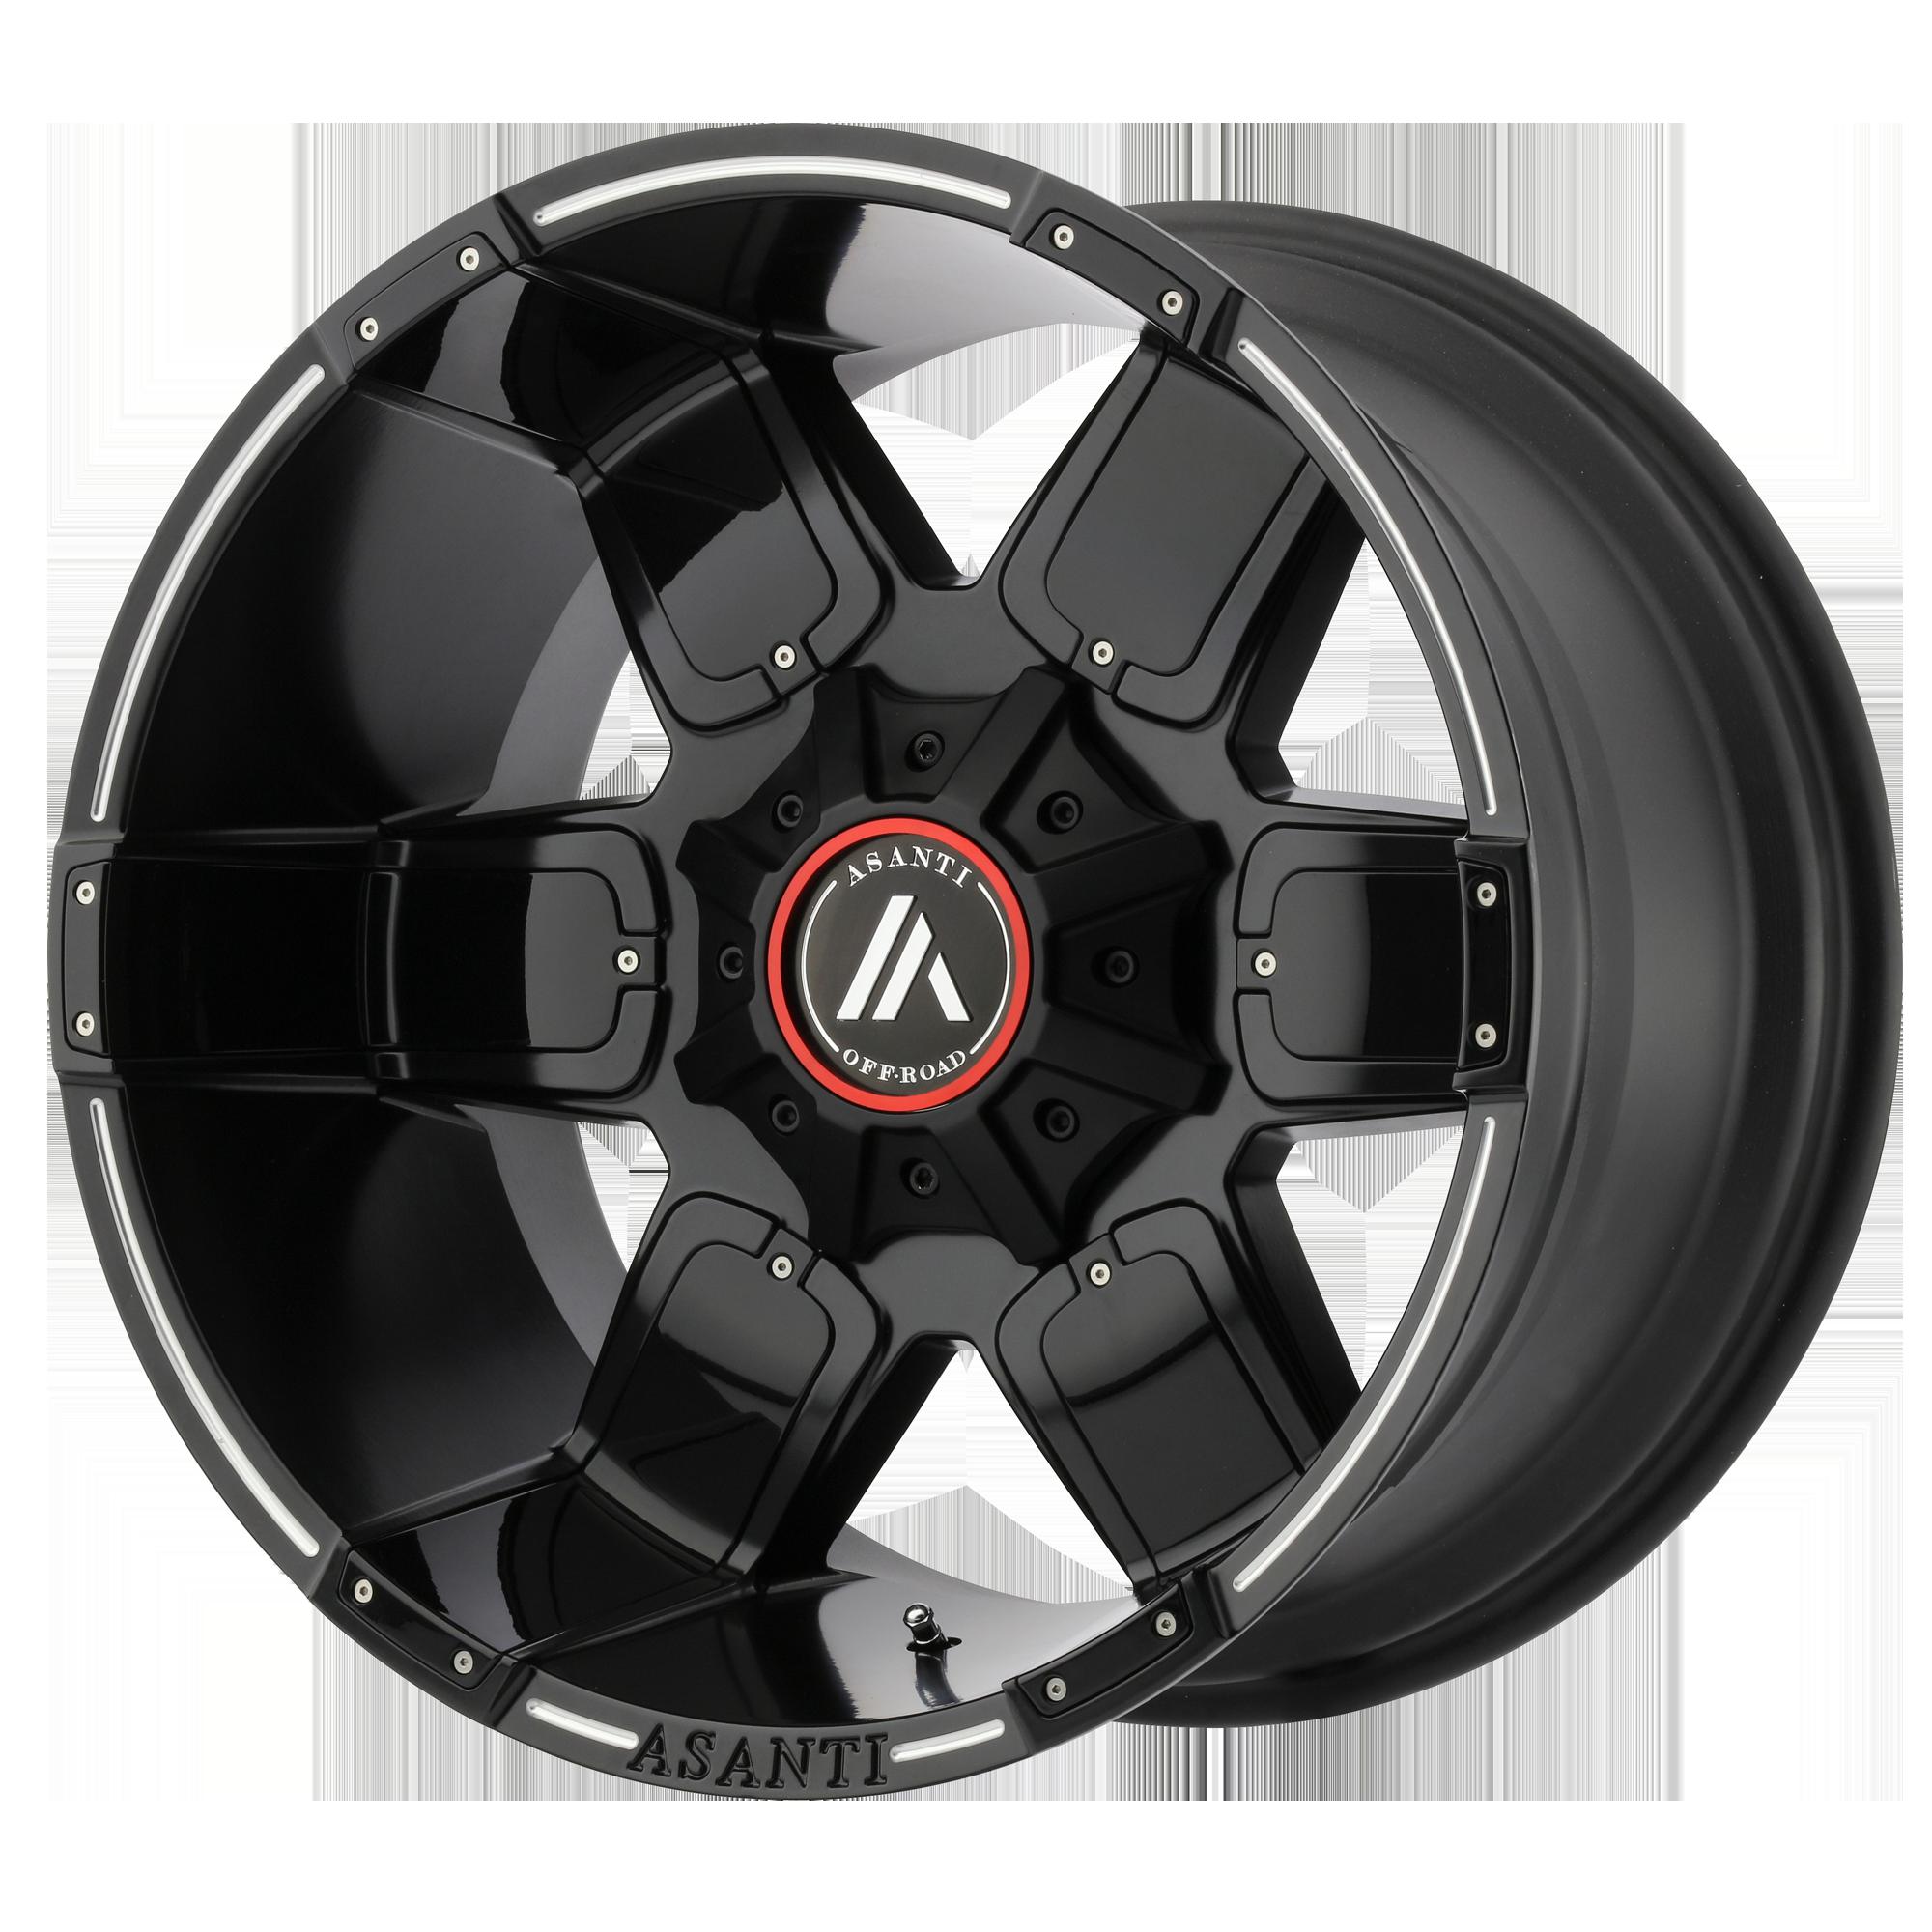 Asanti Off-Road Wheels AB811 Satin Black Milled w/ Gloss Black Accents